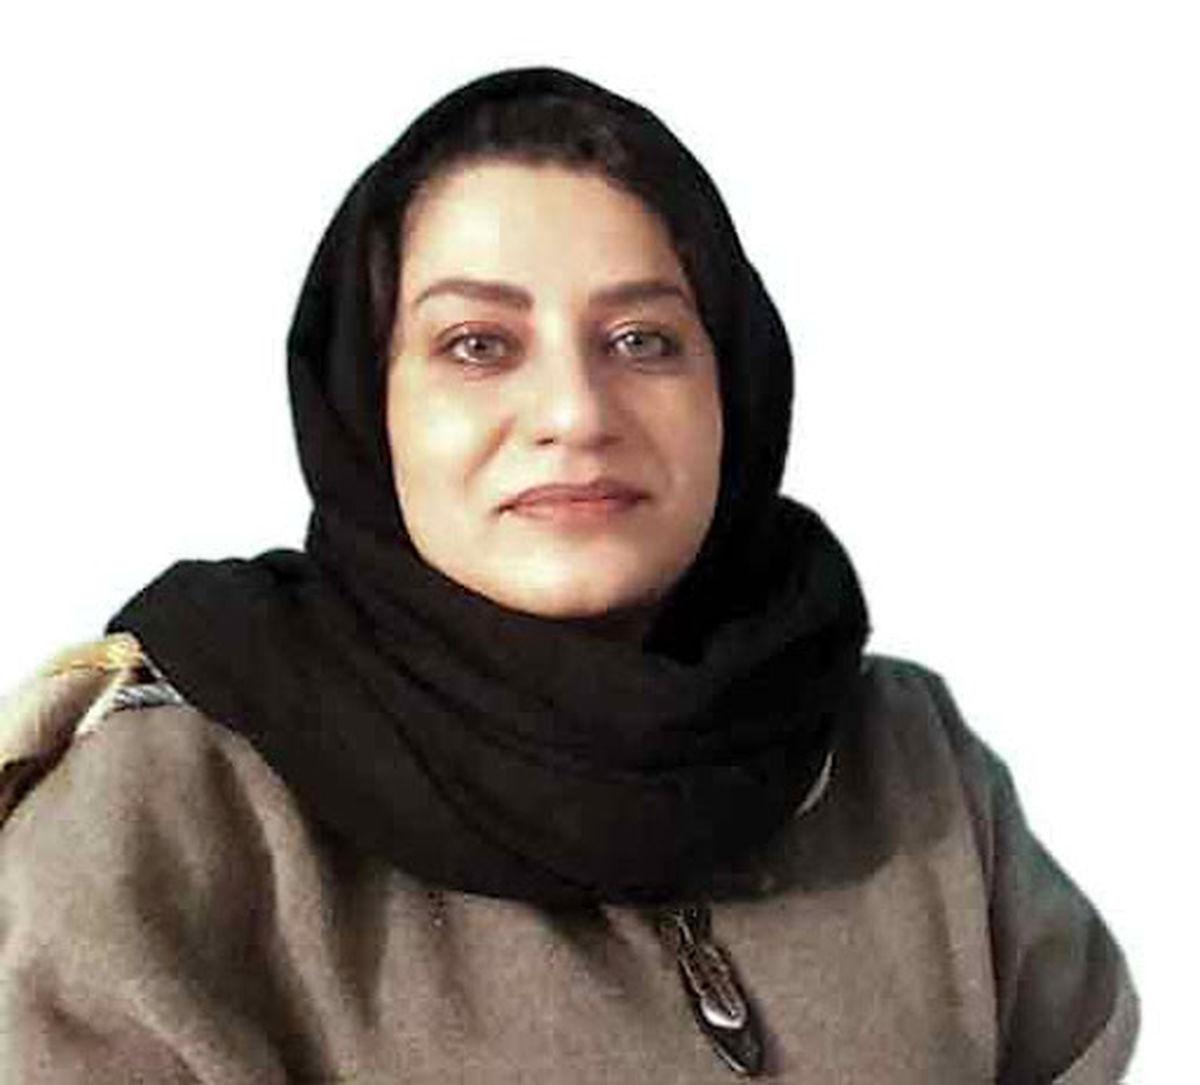 علت فوت خبرنگار روزنامه همشهری اعلام شد